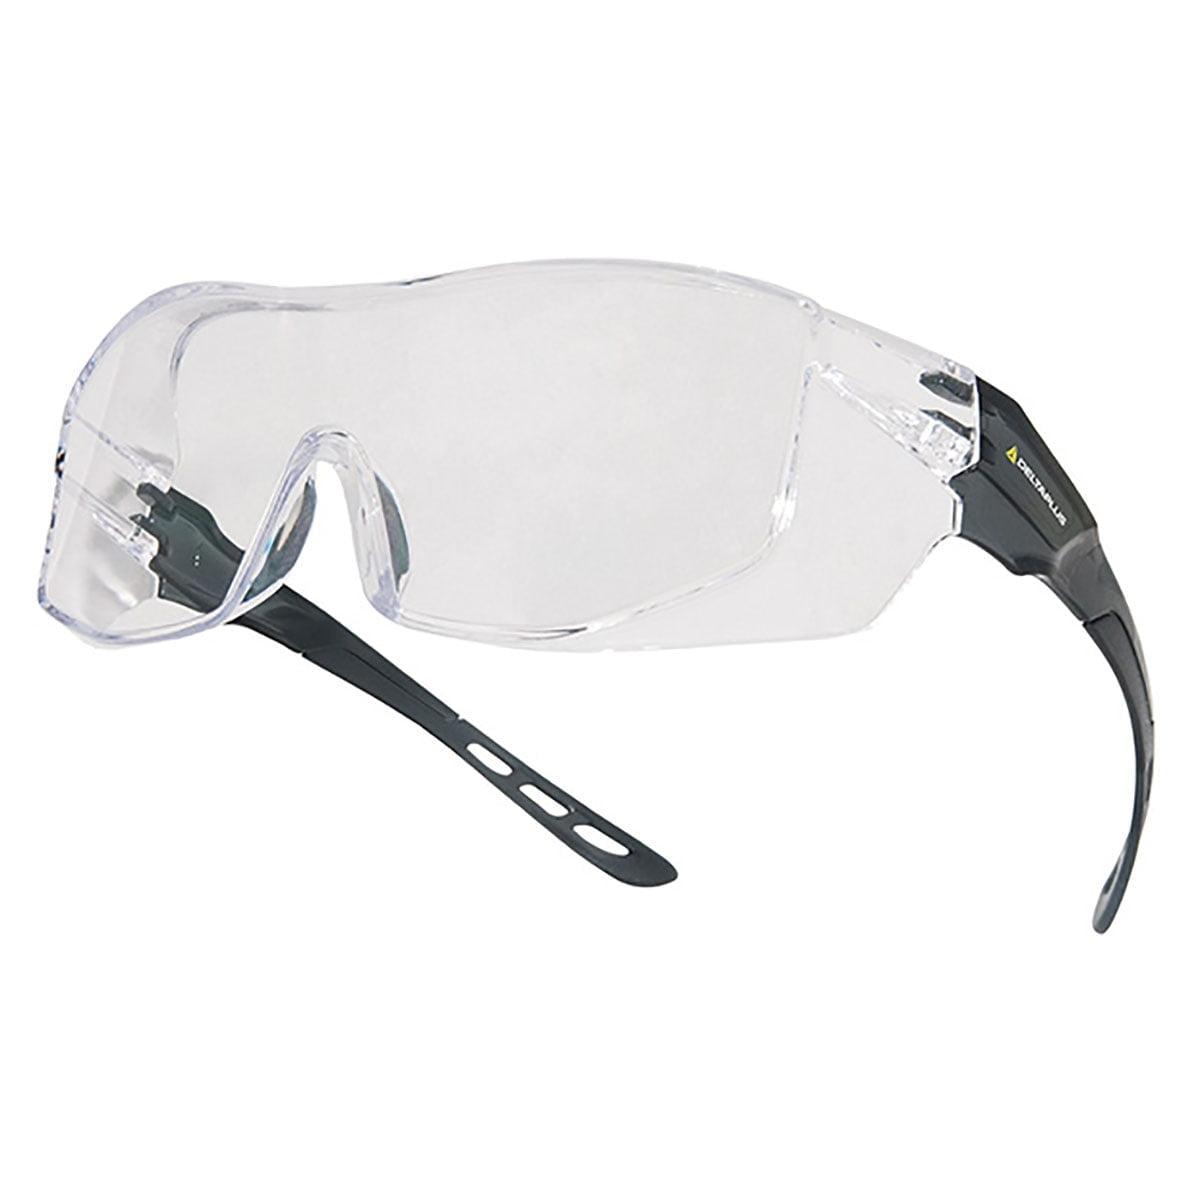 Óculos de Proteção Sobreposição Delta Plus - Heklar CA 38253